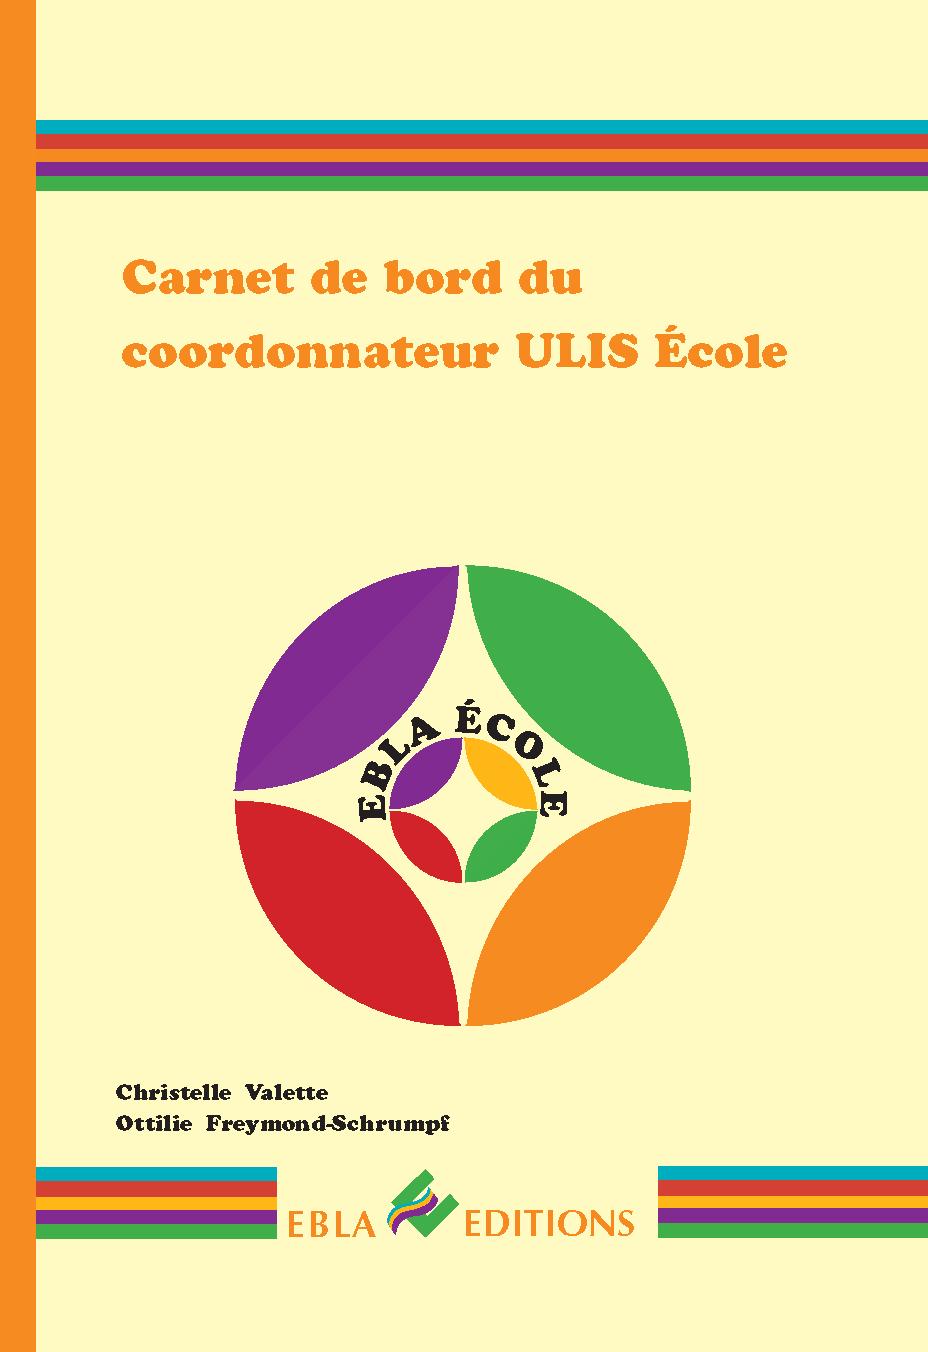 Carnet_coordonnateur.png